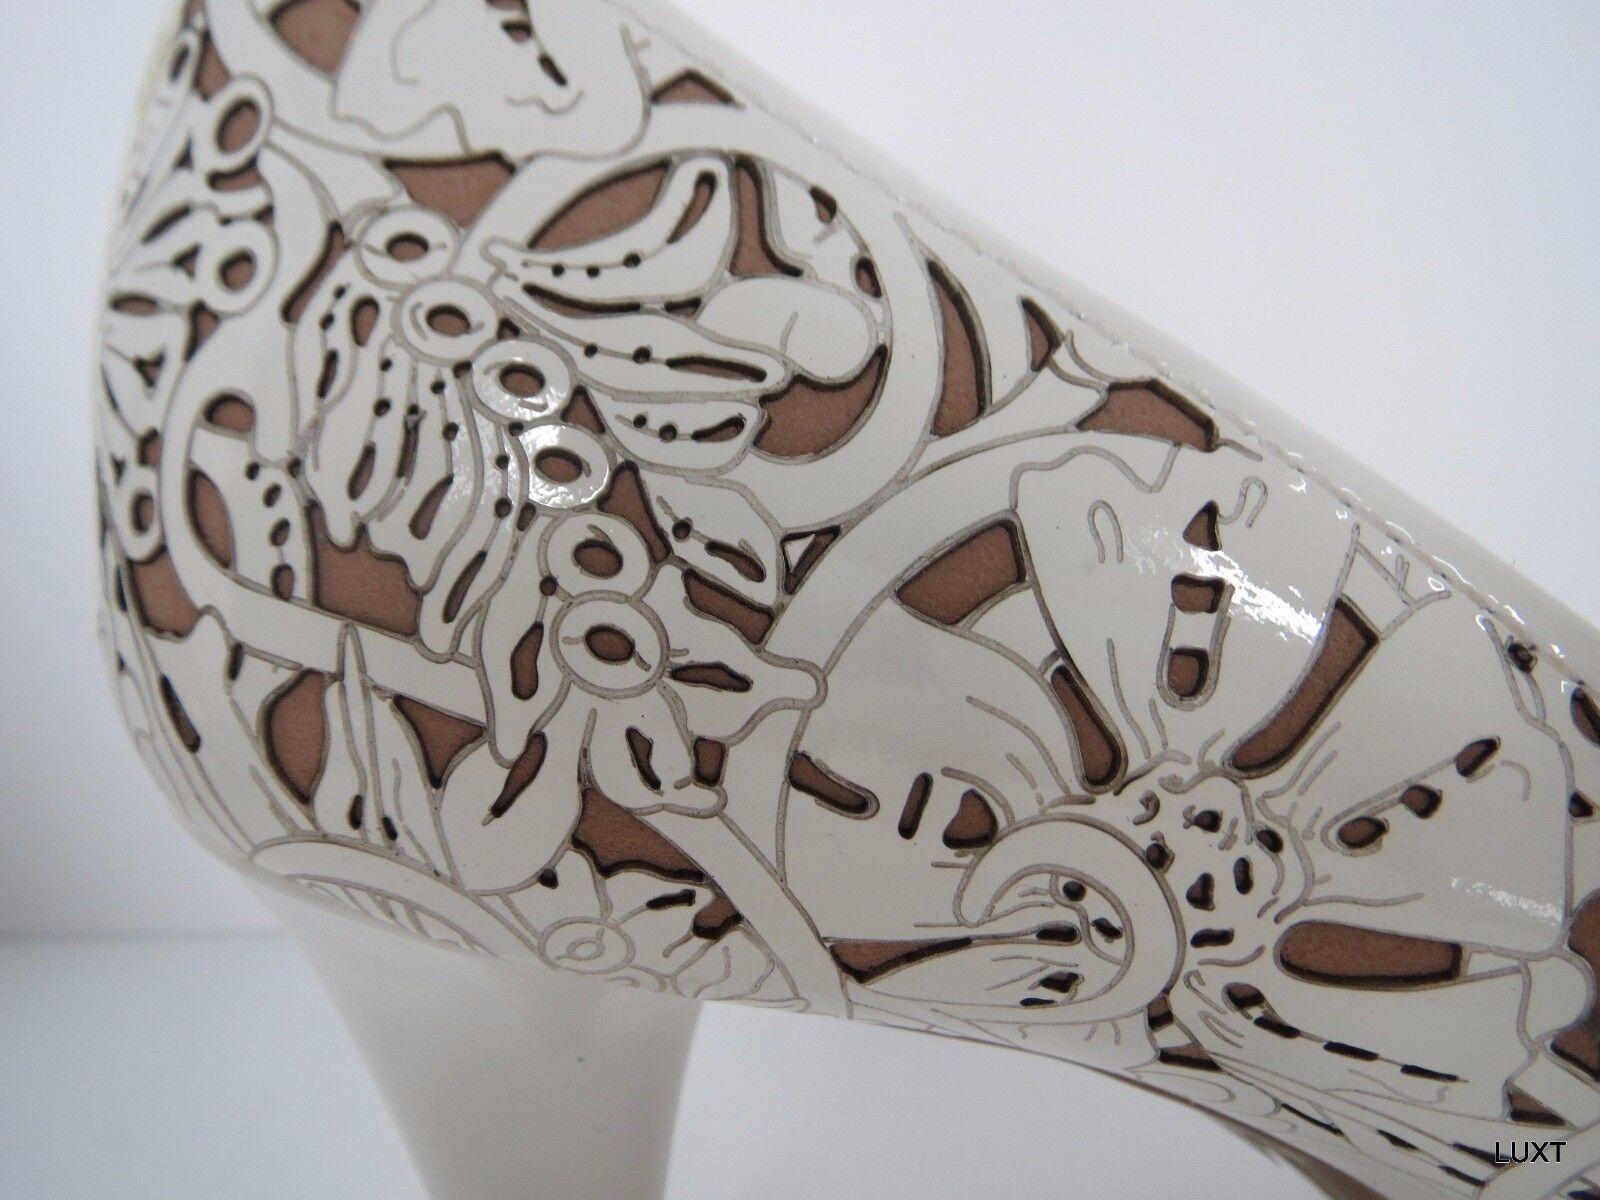 Pumpar från Prada klackar vit Patent läder Storlek 9.5 39.5 39.5 39.5 Floral Laser Cut Peep Toe  exklusiv